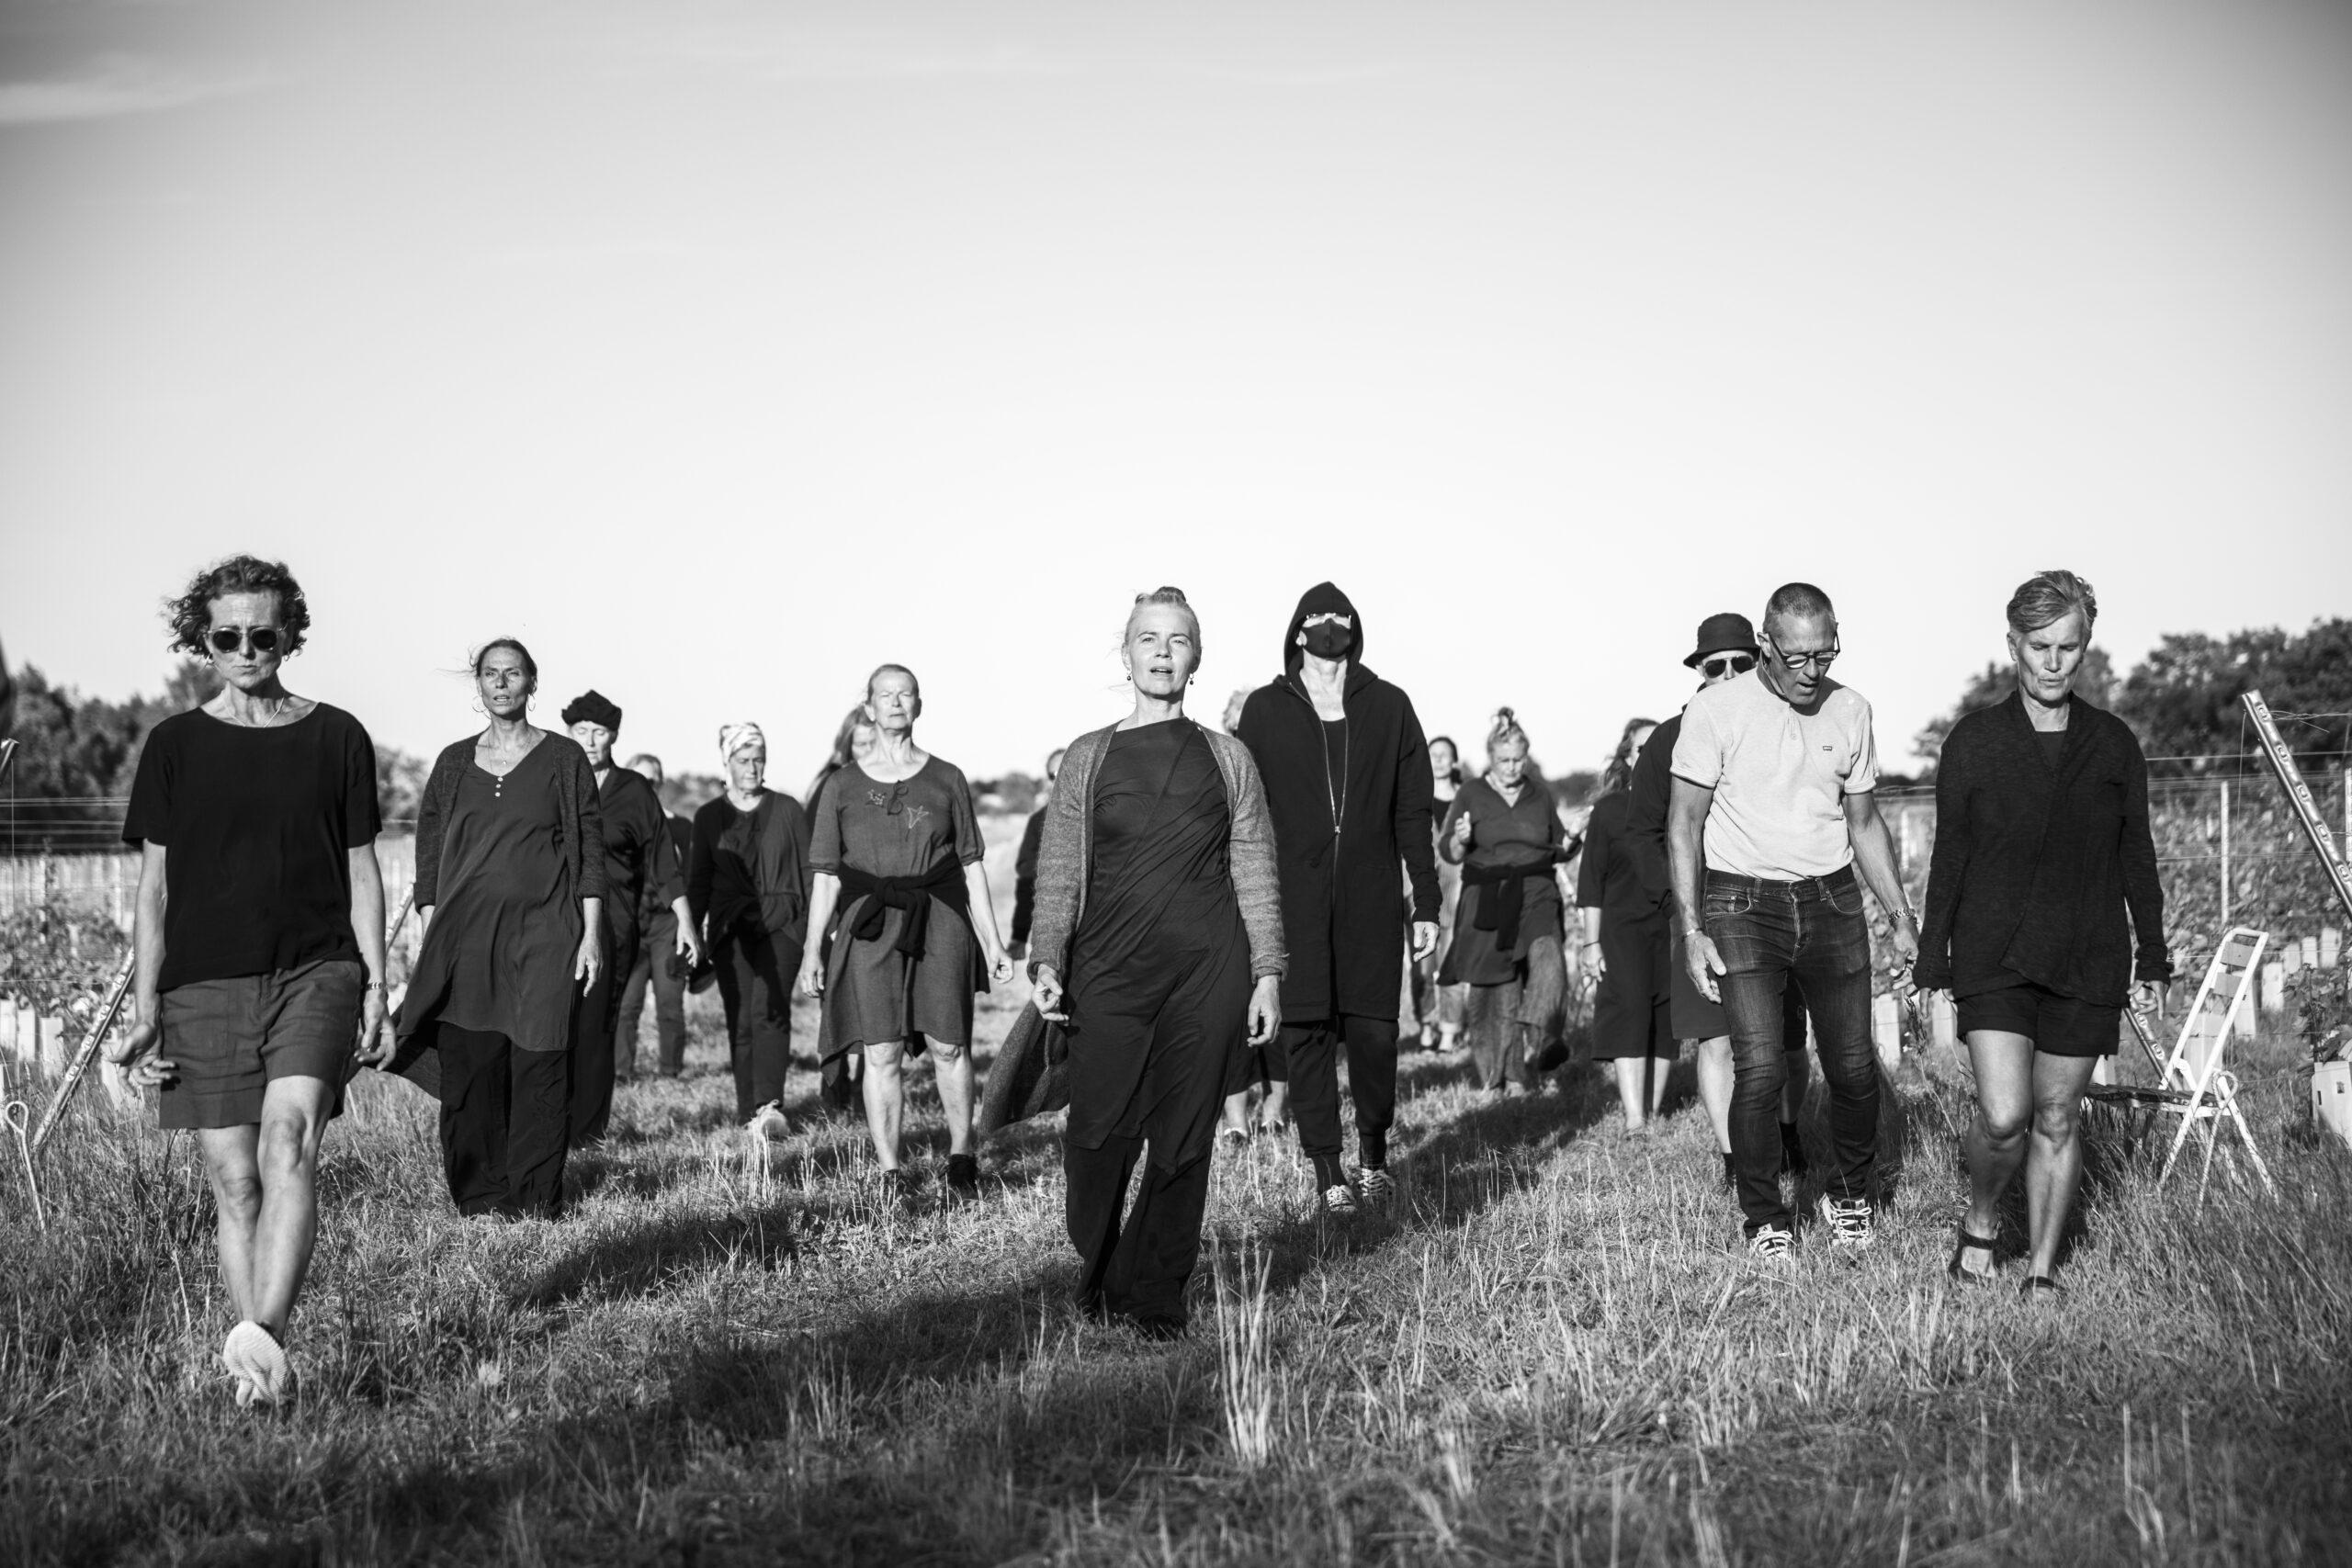 Tina Axelsson, Švedska: Dolgo – Boste videli, 2019–2028, Långmyre, Gotland, Švedska, Leto št. 2 – 2020 - Dolgo – Boste videli (Tiden går/Tempo scorre) je zvočna predstava Katarine Henryson in umetniško delo, ki združuje nastop, vokalno improvizacijo in participativno umetnost, ki obravnava dolgoročno usmerjenost, prisotnost ter komunikacijo in povezovanje brez uporabe besed.